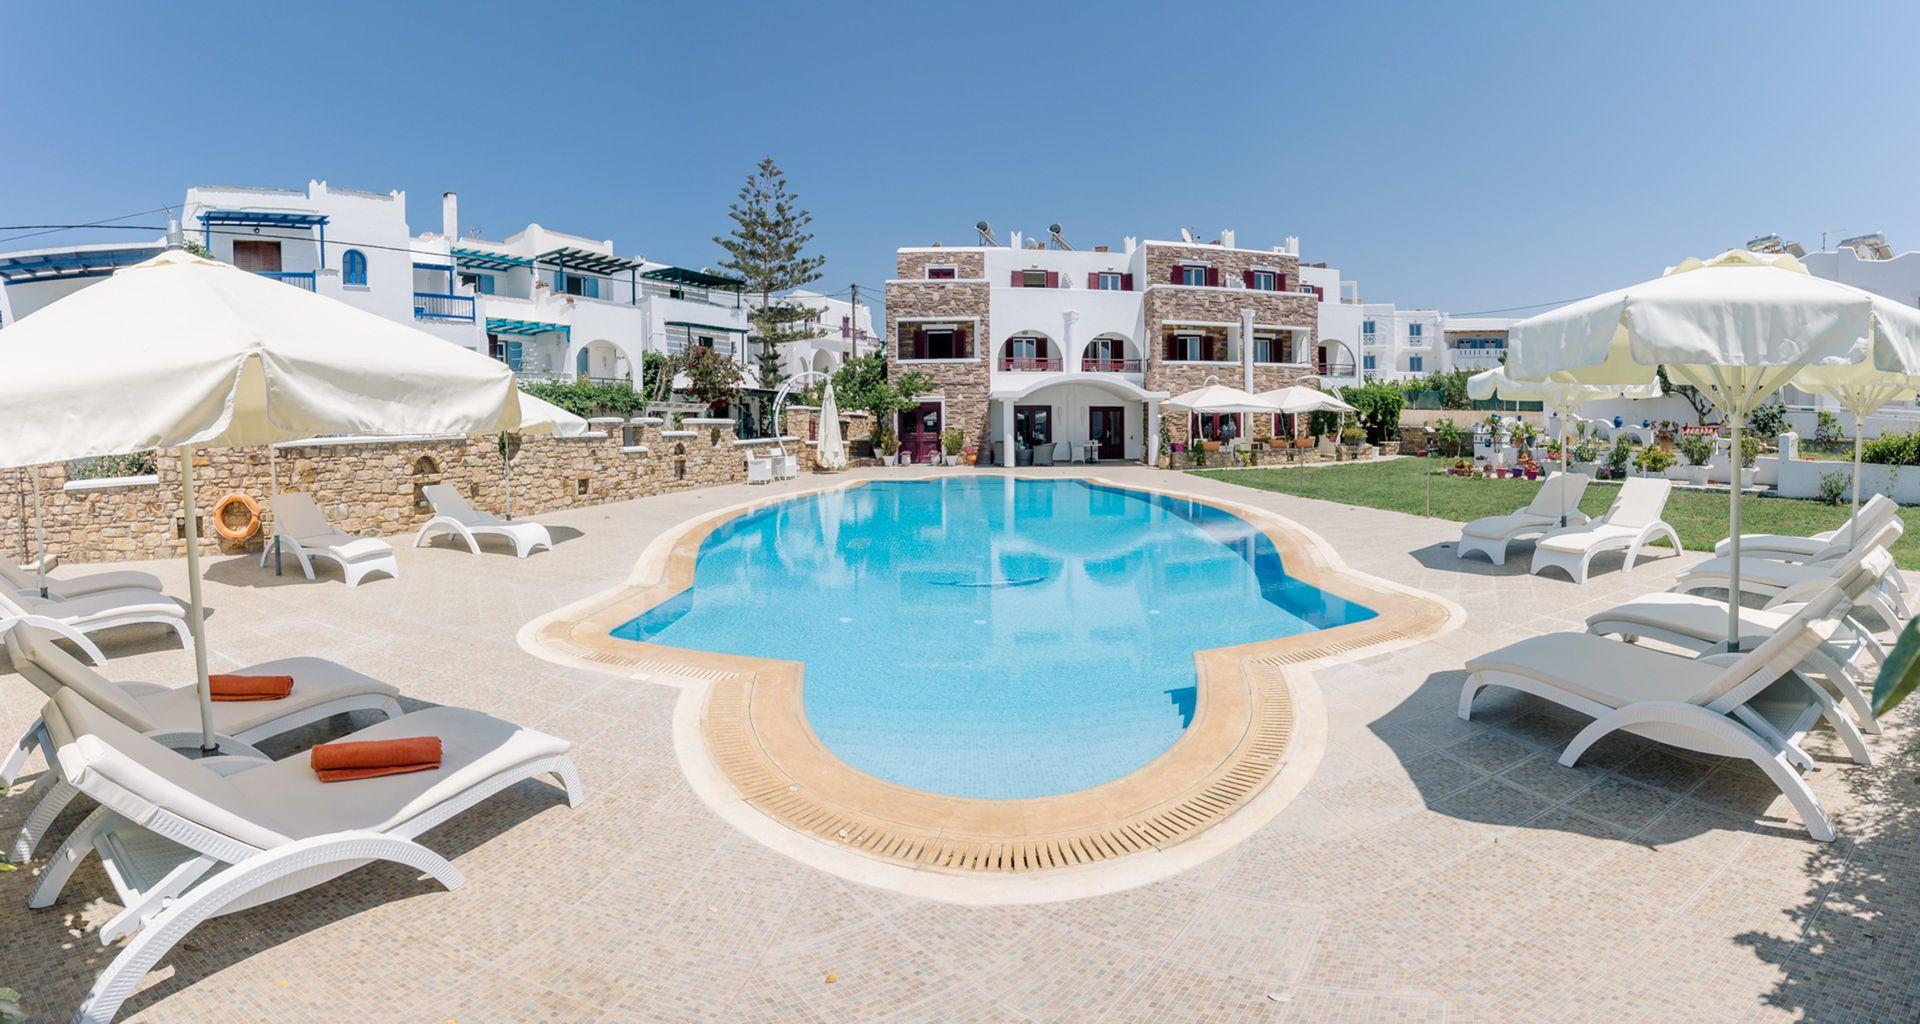 Ariadne Hotel Naxos - Νάξος ✦ 4 Ημέρες (3 Διανυκτερεύσεις)